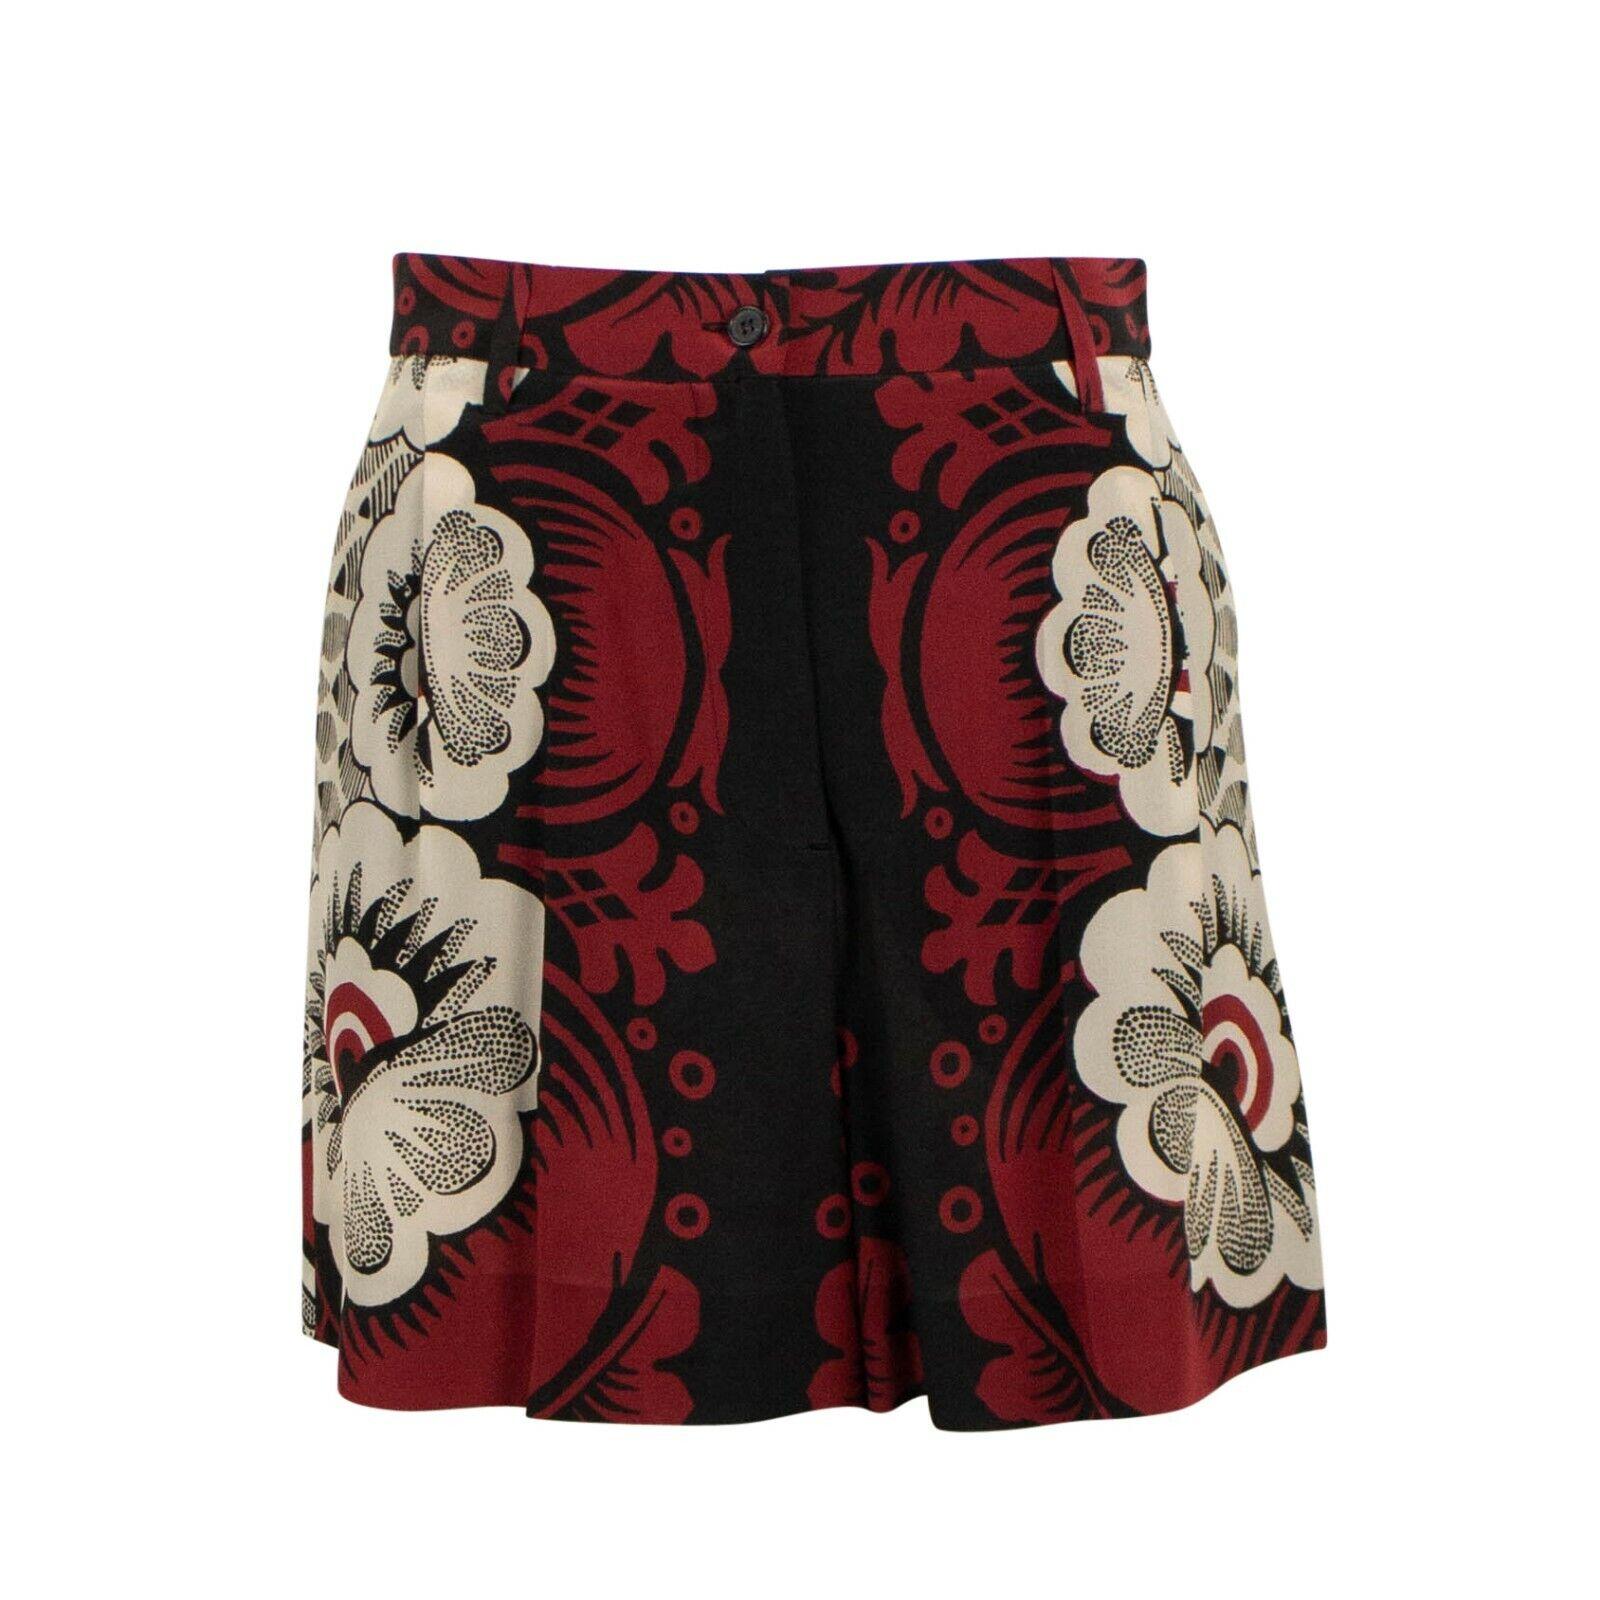 Nuevo  con etiquetas Valentino Multi-Color impreso Seda Pantalones Cortos frontal Plisado Talla 4 40  1690  buscando agente de ventas